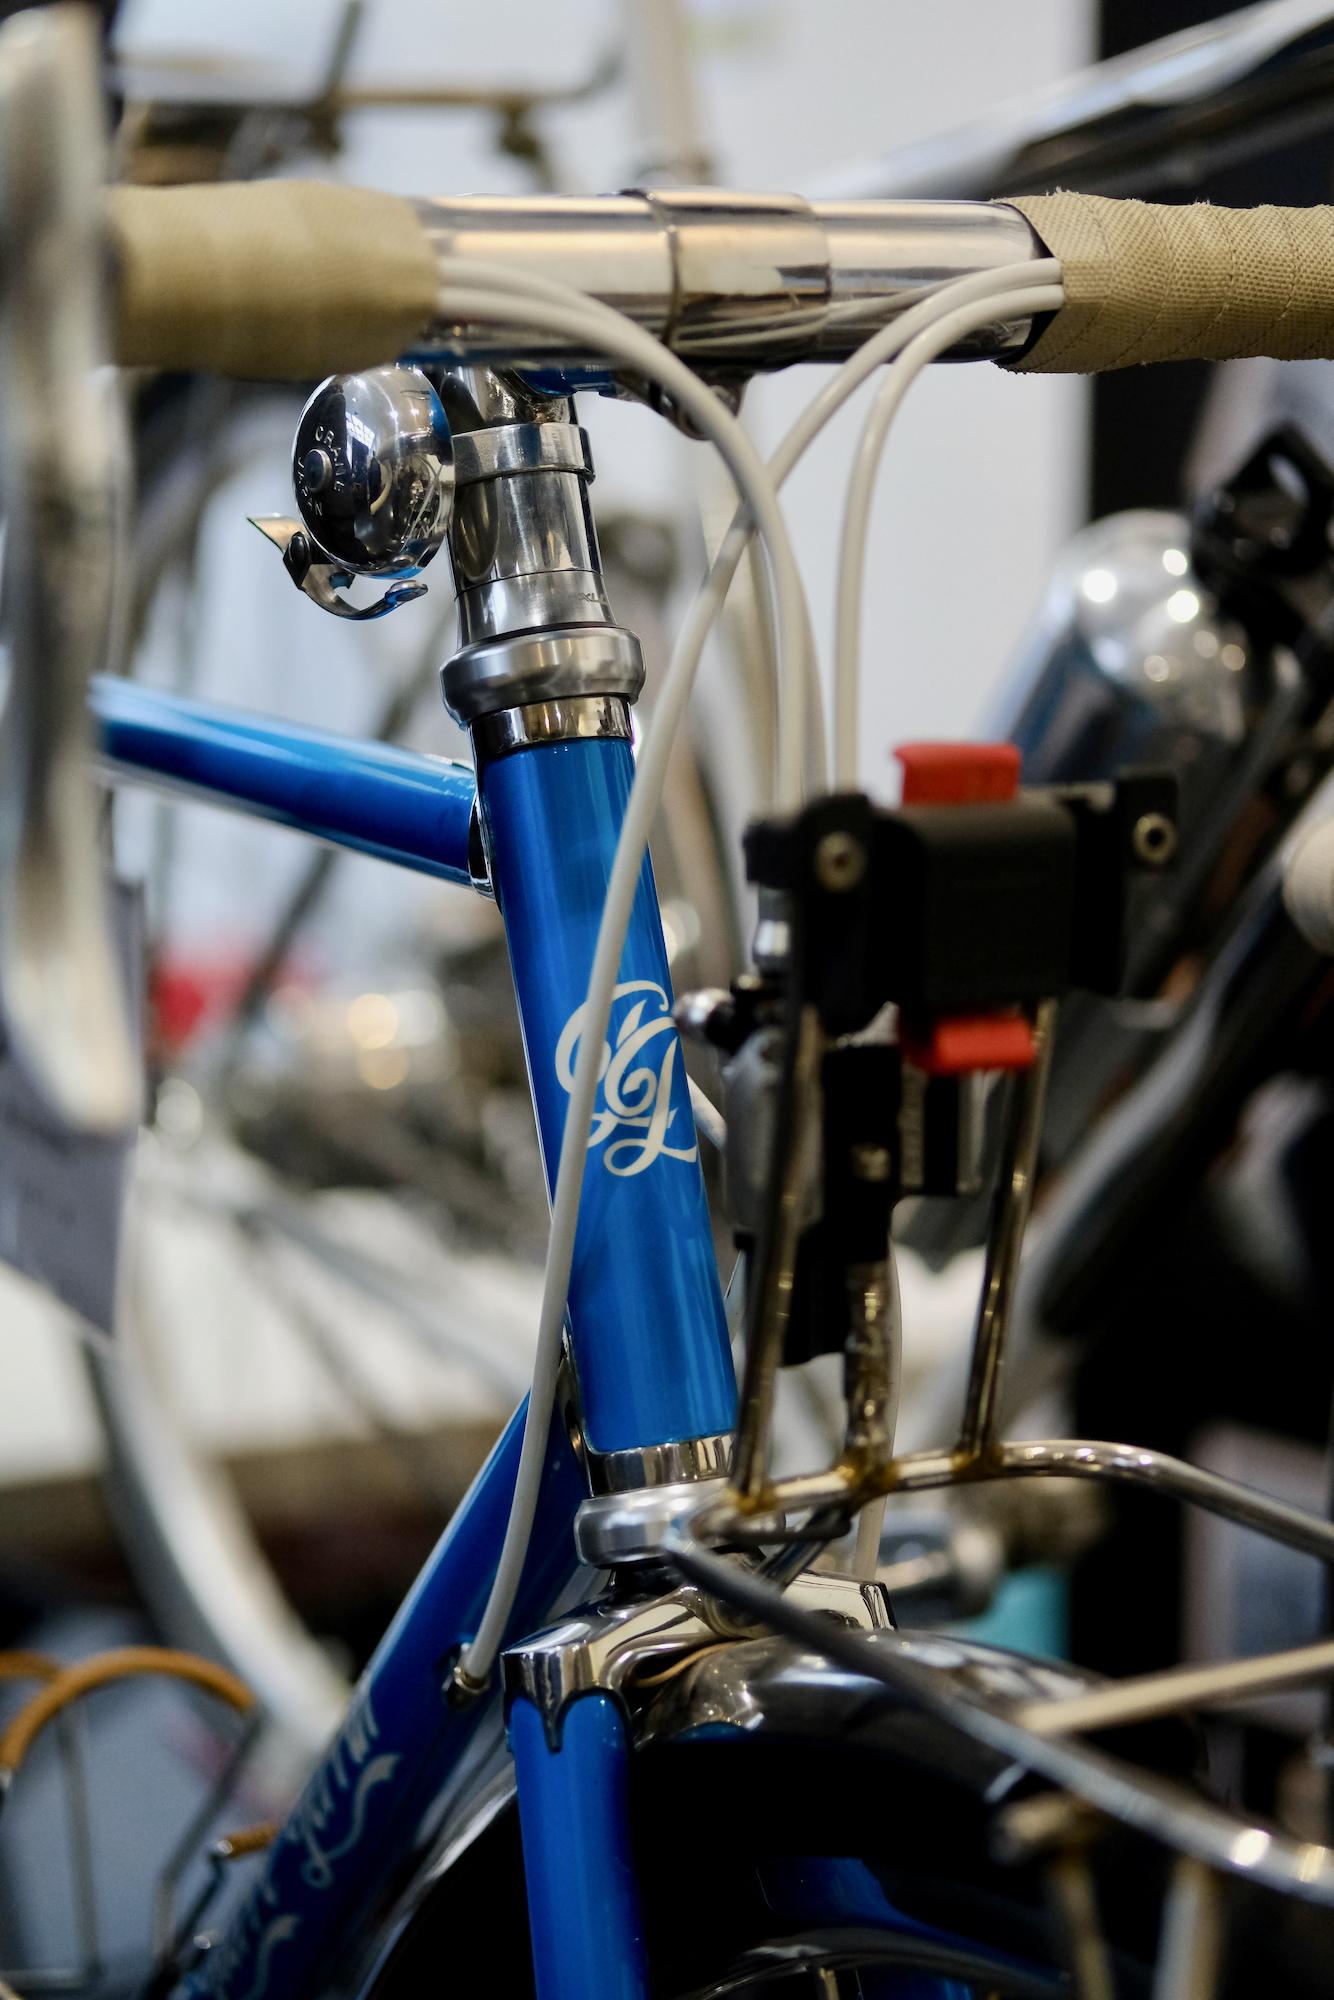 voyage à vélo - 1 (11).jpg